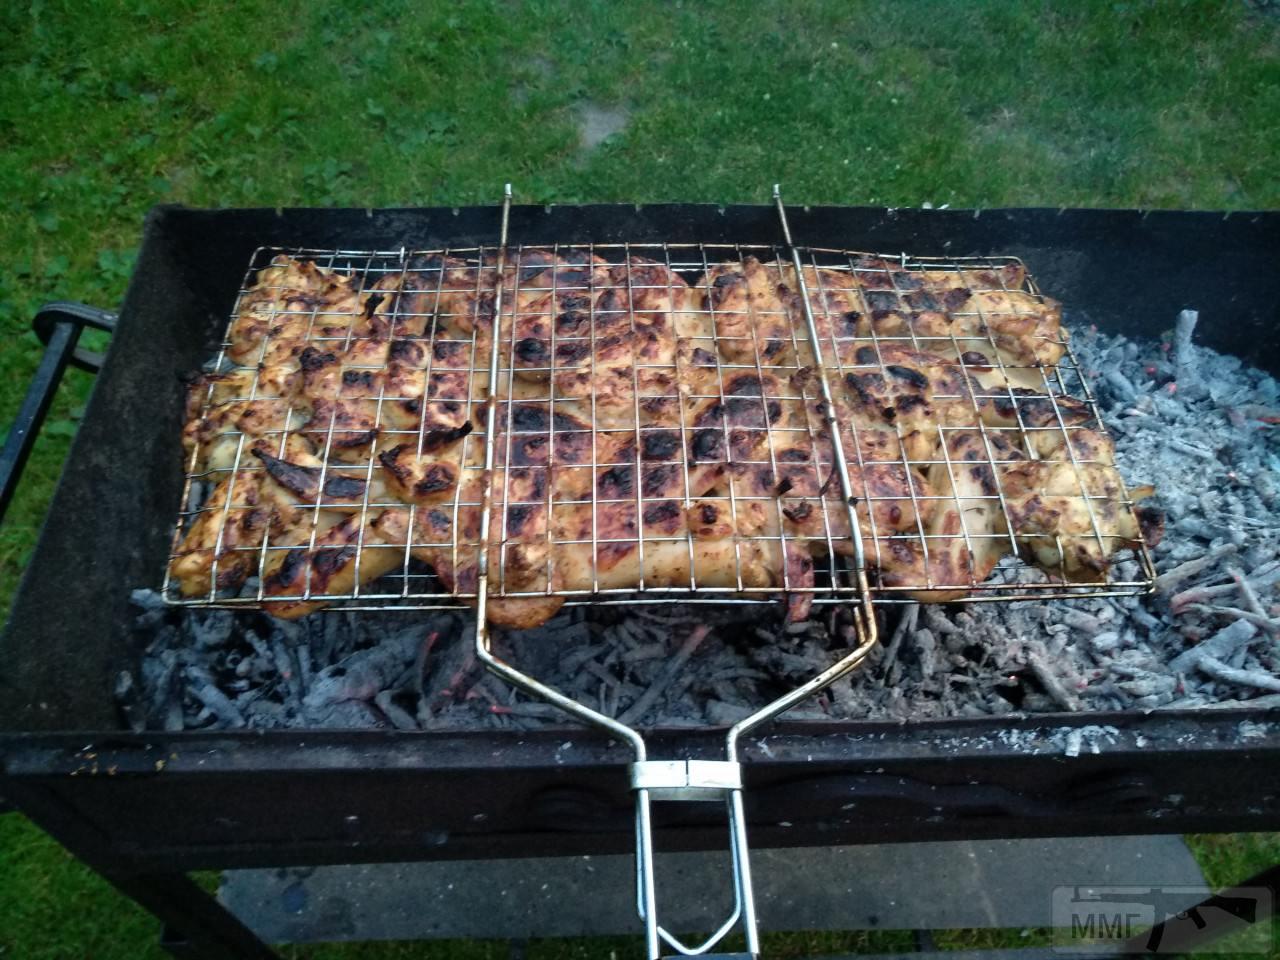 106953 - Закуски на огне (мангал, барбекю и т.д.) и кулинария вообще. Советы и рецепты.